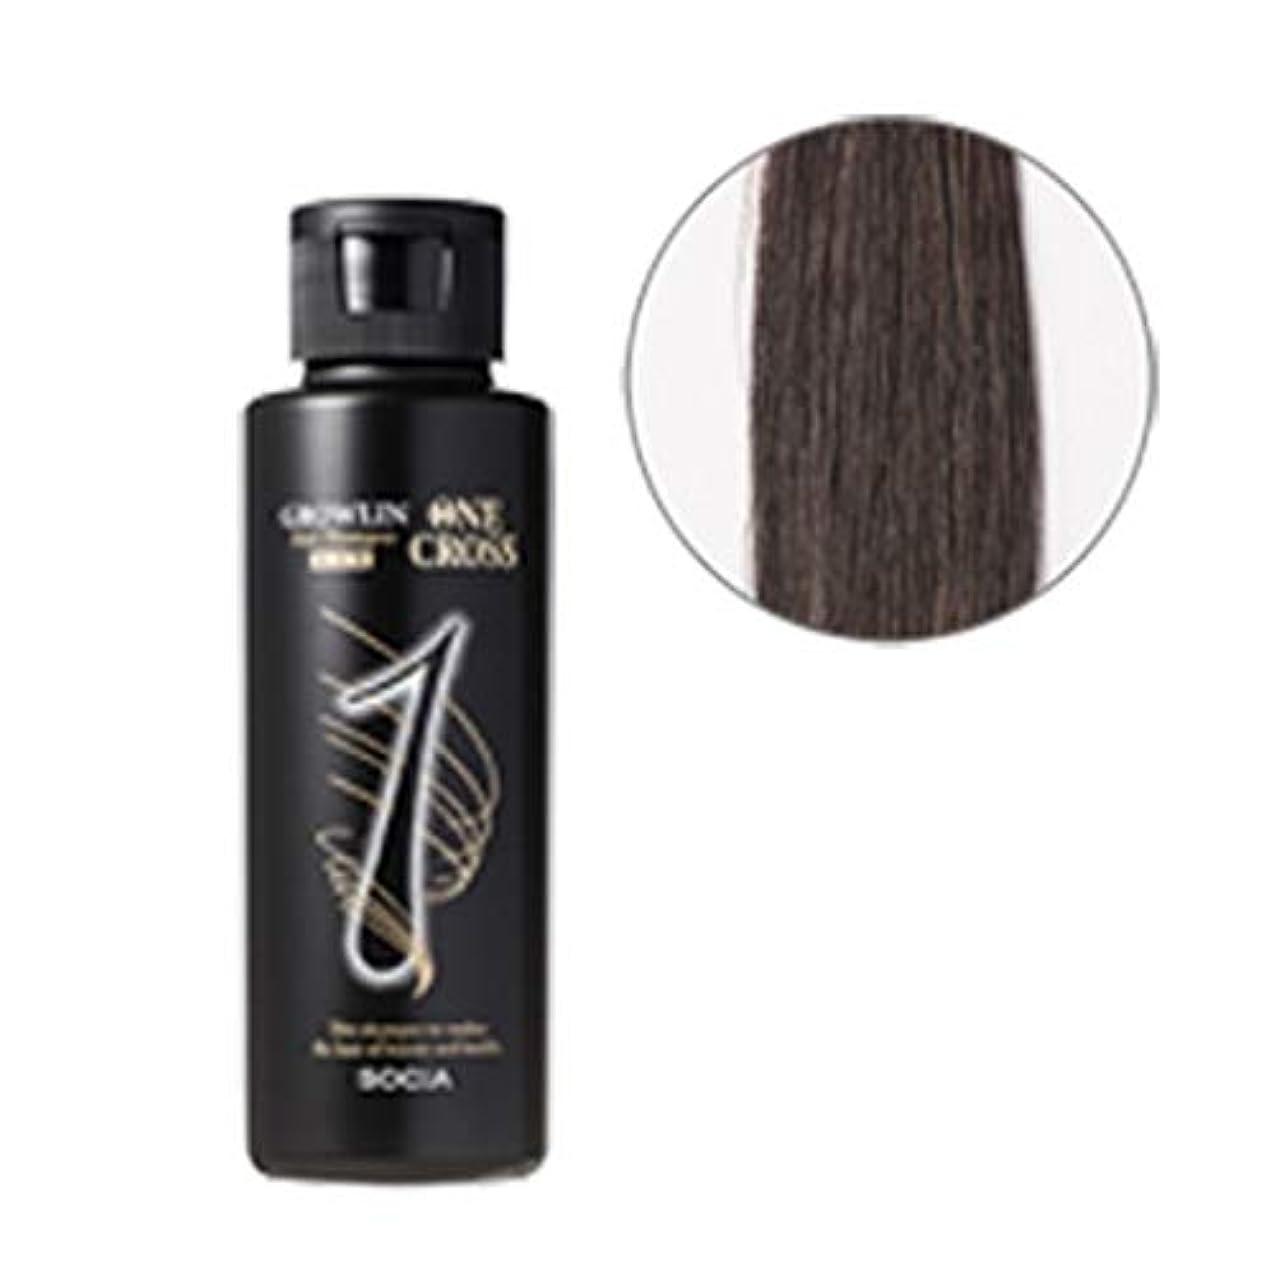 ソシア (SOCIA) グローリン?ワンクロス (ブラック) 自然に染まる 白髪染めシャンプー (100ml 約1ヶ月分) 無添加 アミノ酸系 カラーリングシャンプー